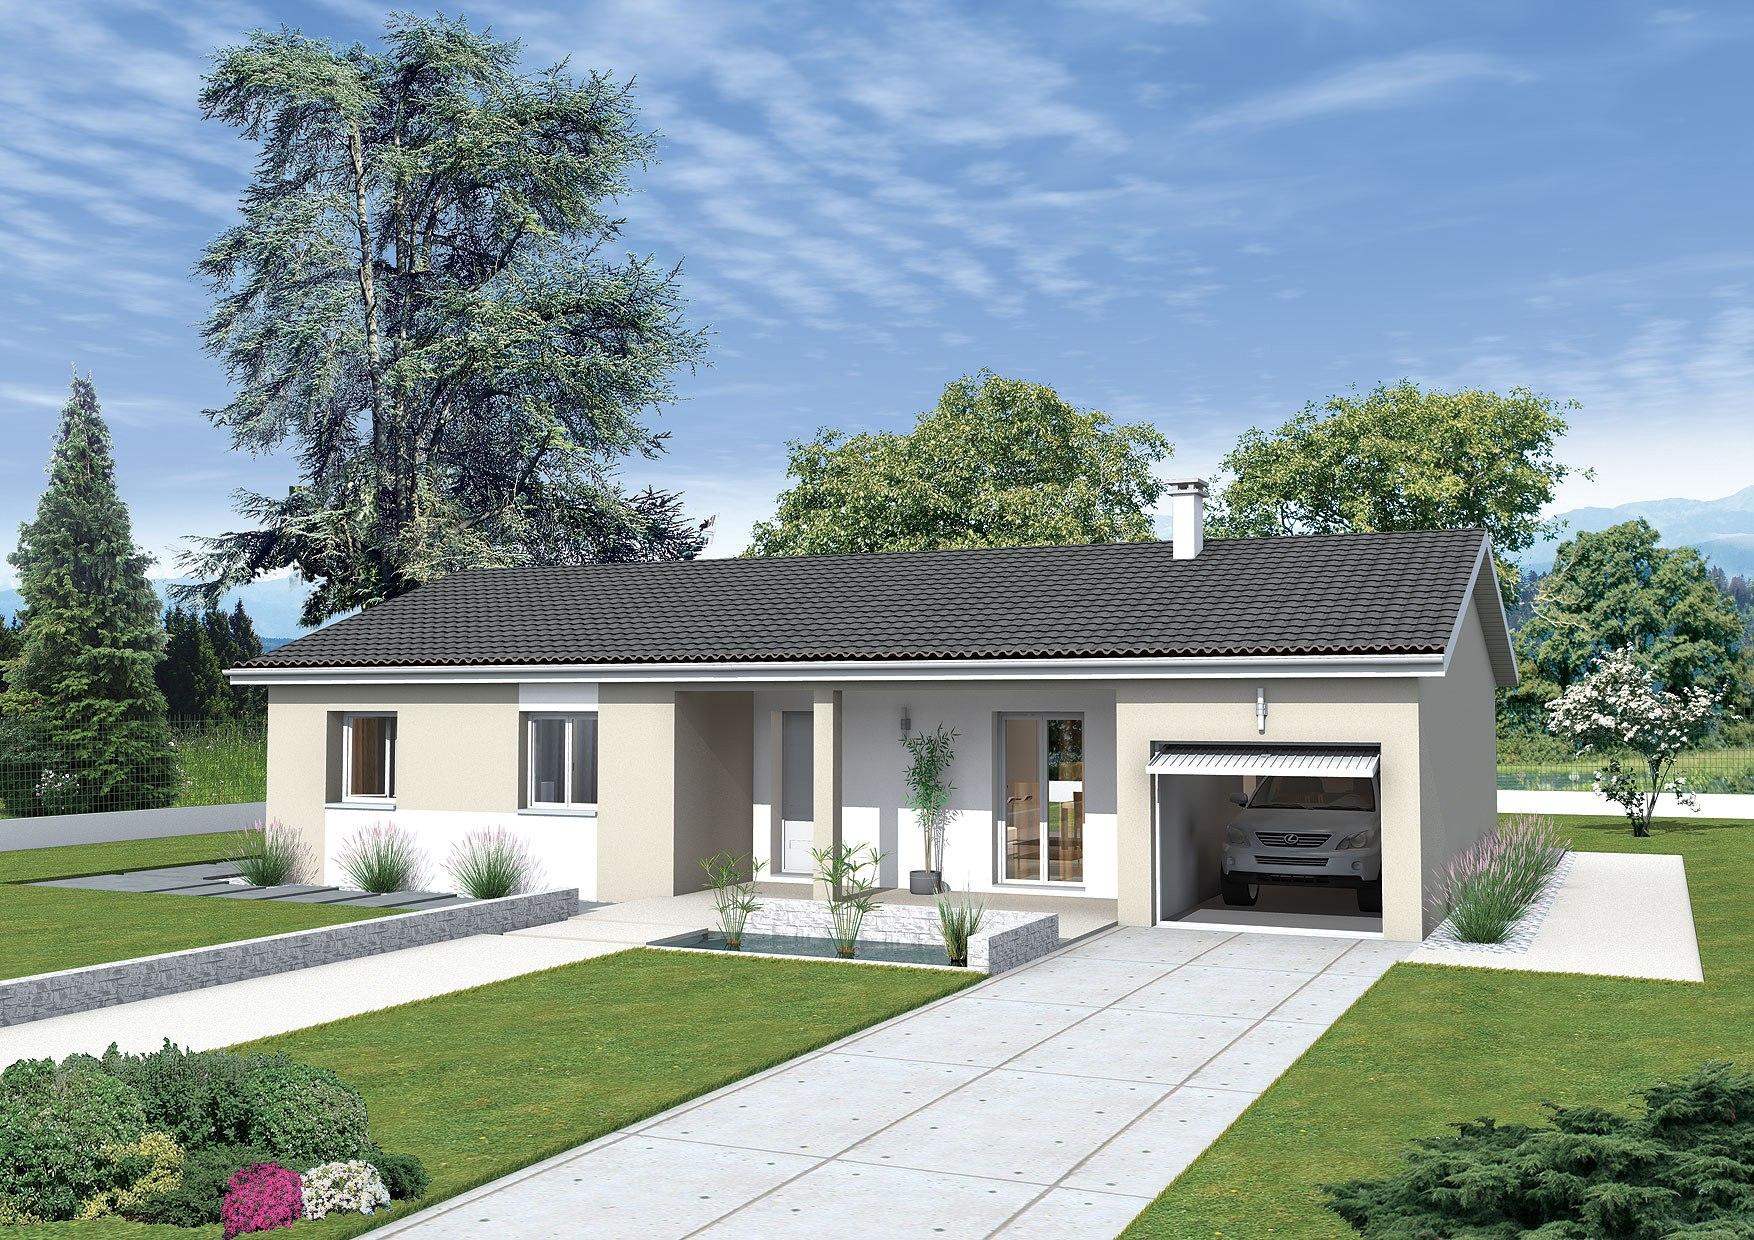 Maisons + Terrains du constructeur MAISONS PUNCH SIEGE SOCIAL • 85 m² • DRACE